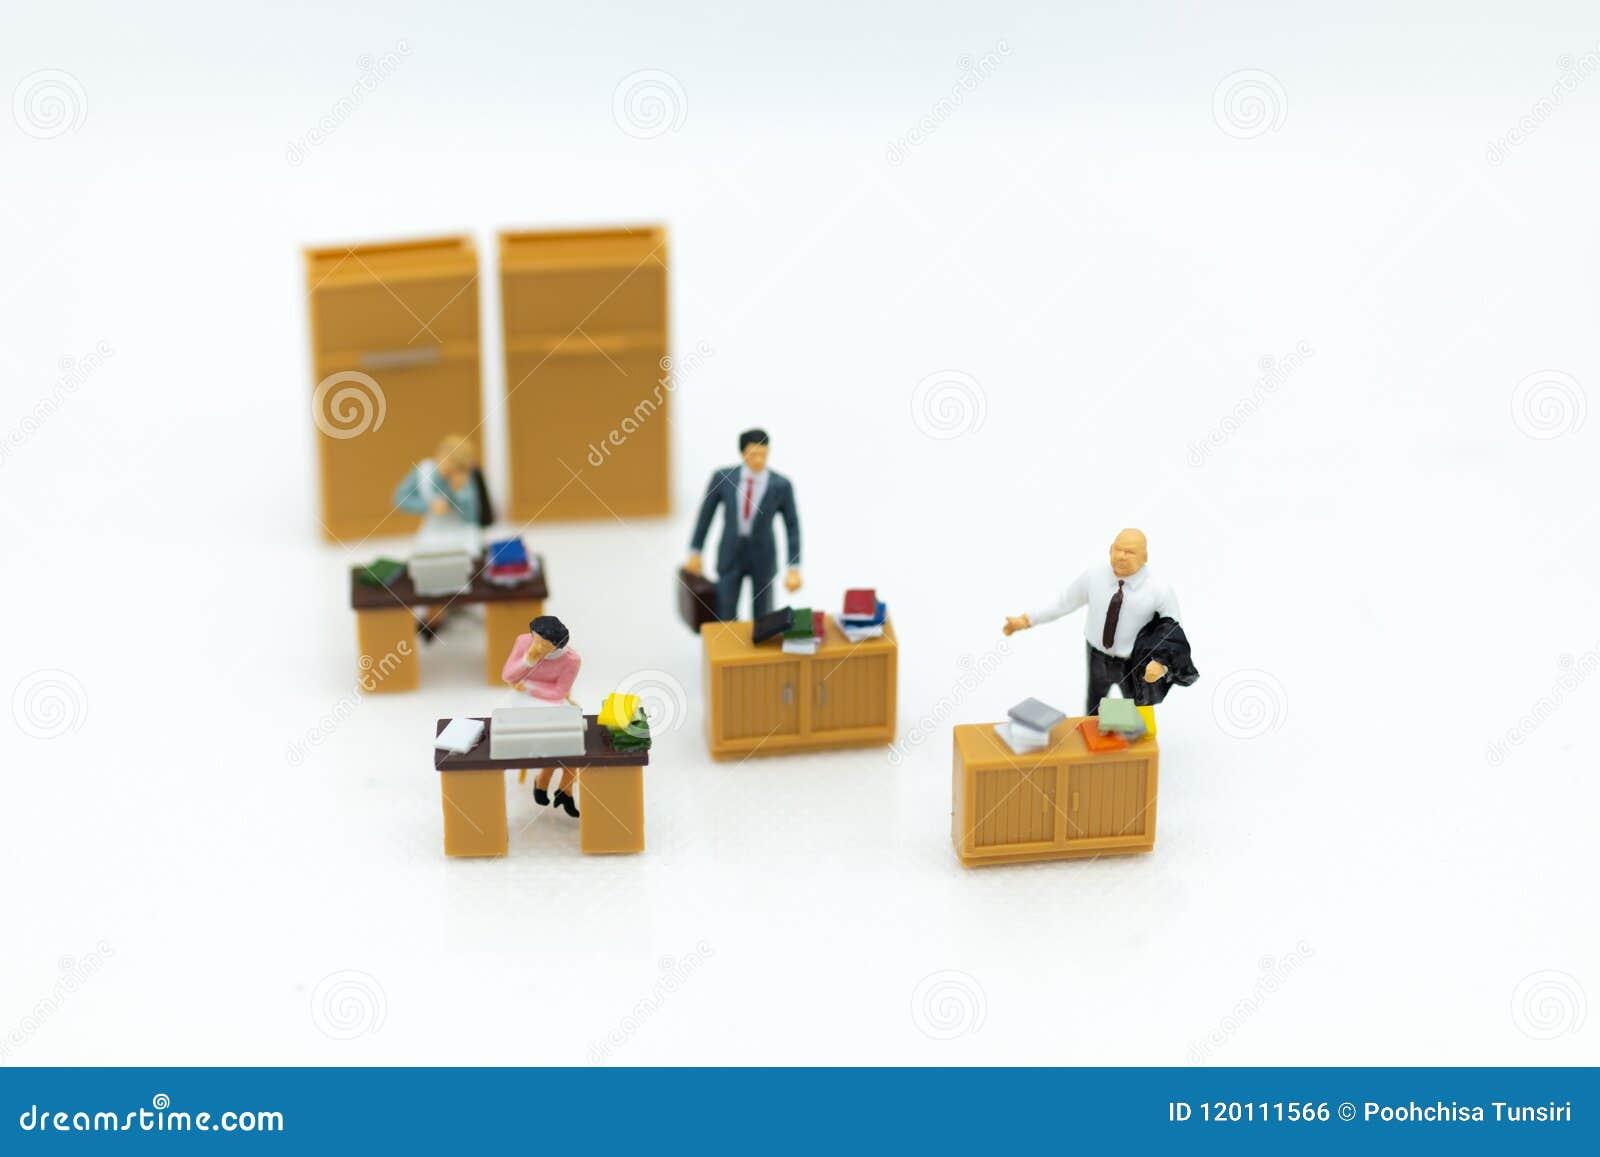 Gente miniatura: Trabajando en la oficina, hombre del sueldo, trabajo de desarrollo del talento Uso de la imagen para guardar el